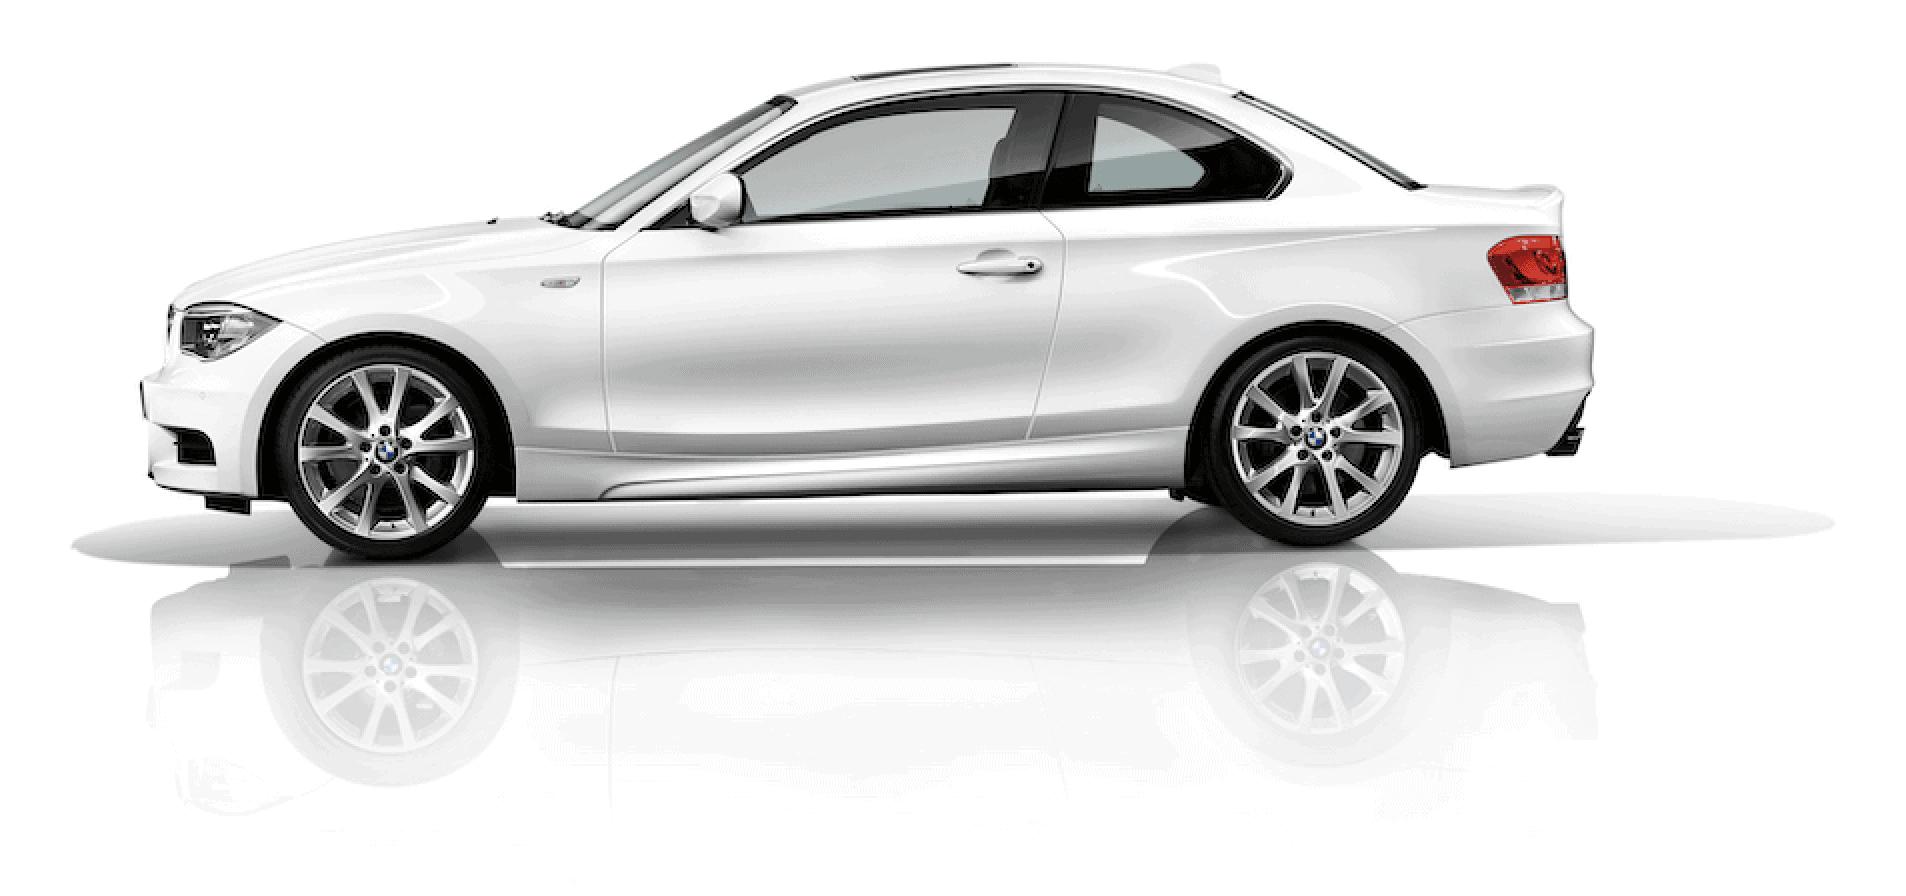 BMW E82 Style 372 wheels